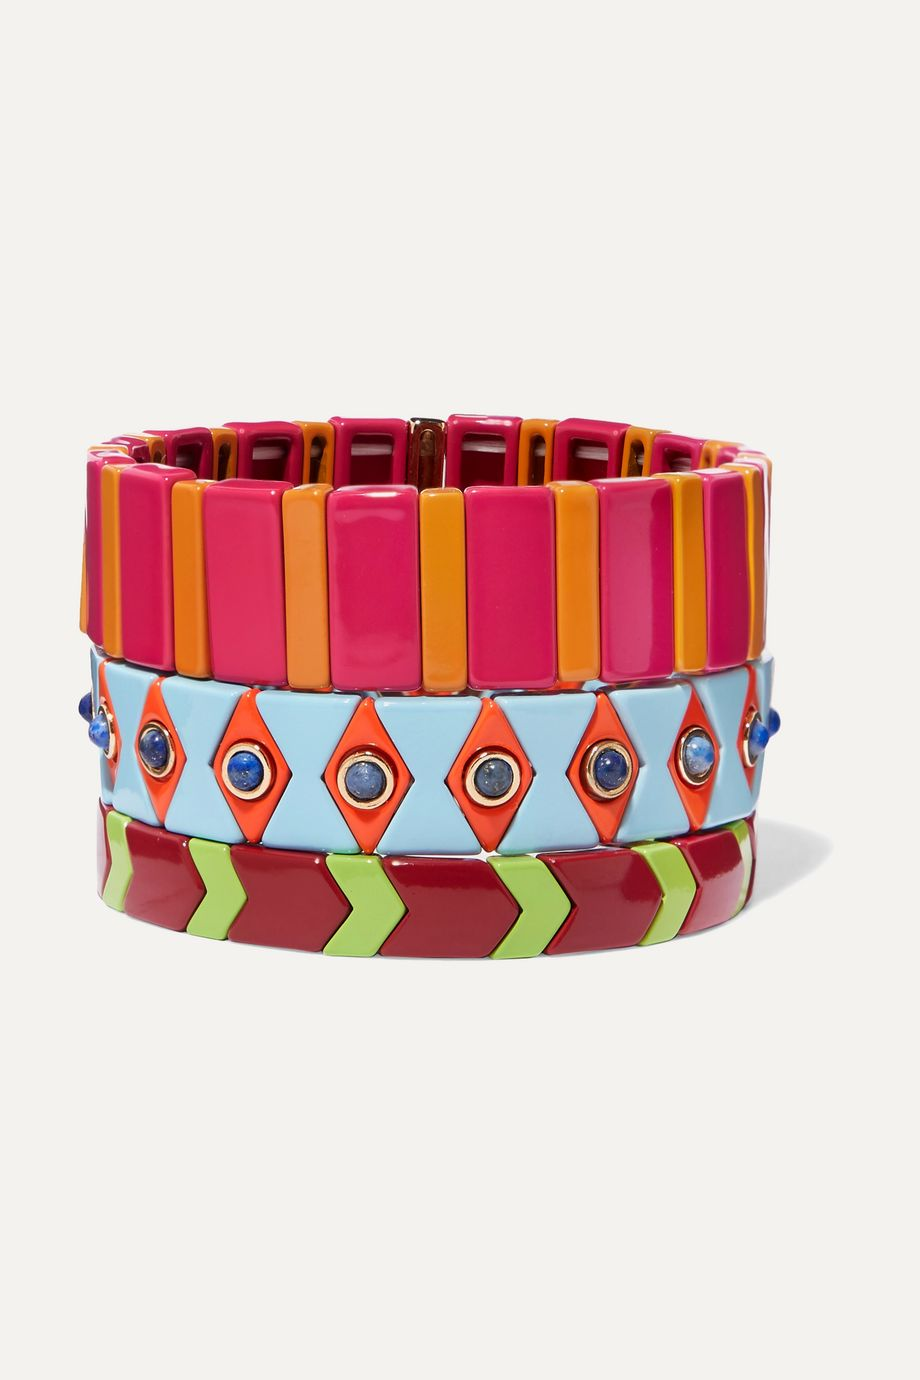 록산느 애슐린 팔찌 Roxanne Assoulin Drawing Room set of three enamel bracelets,Fuchsia